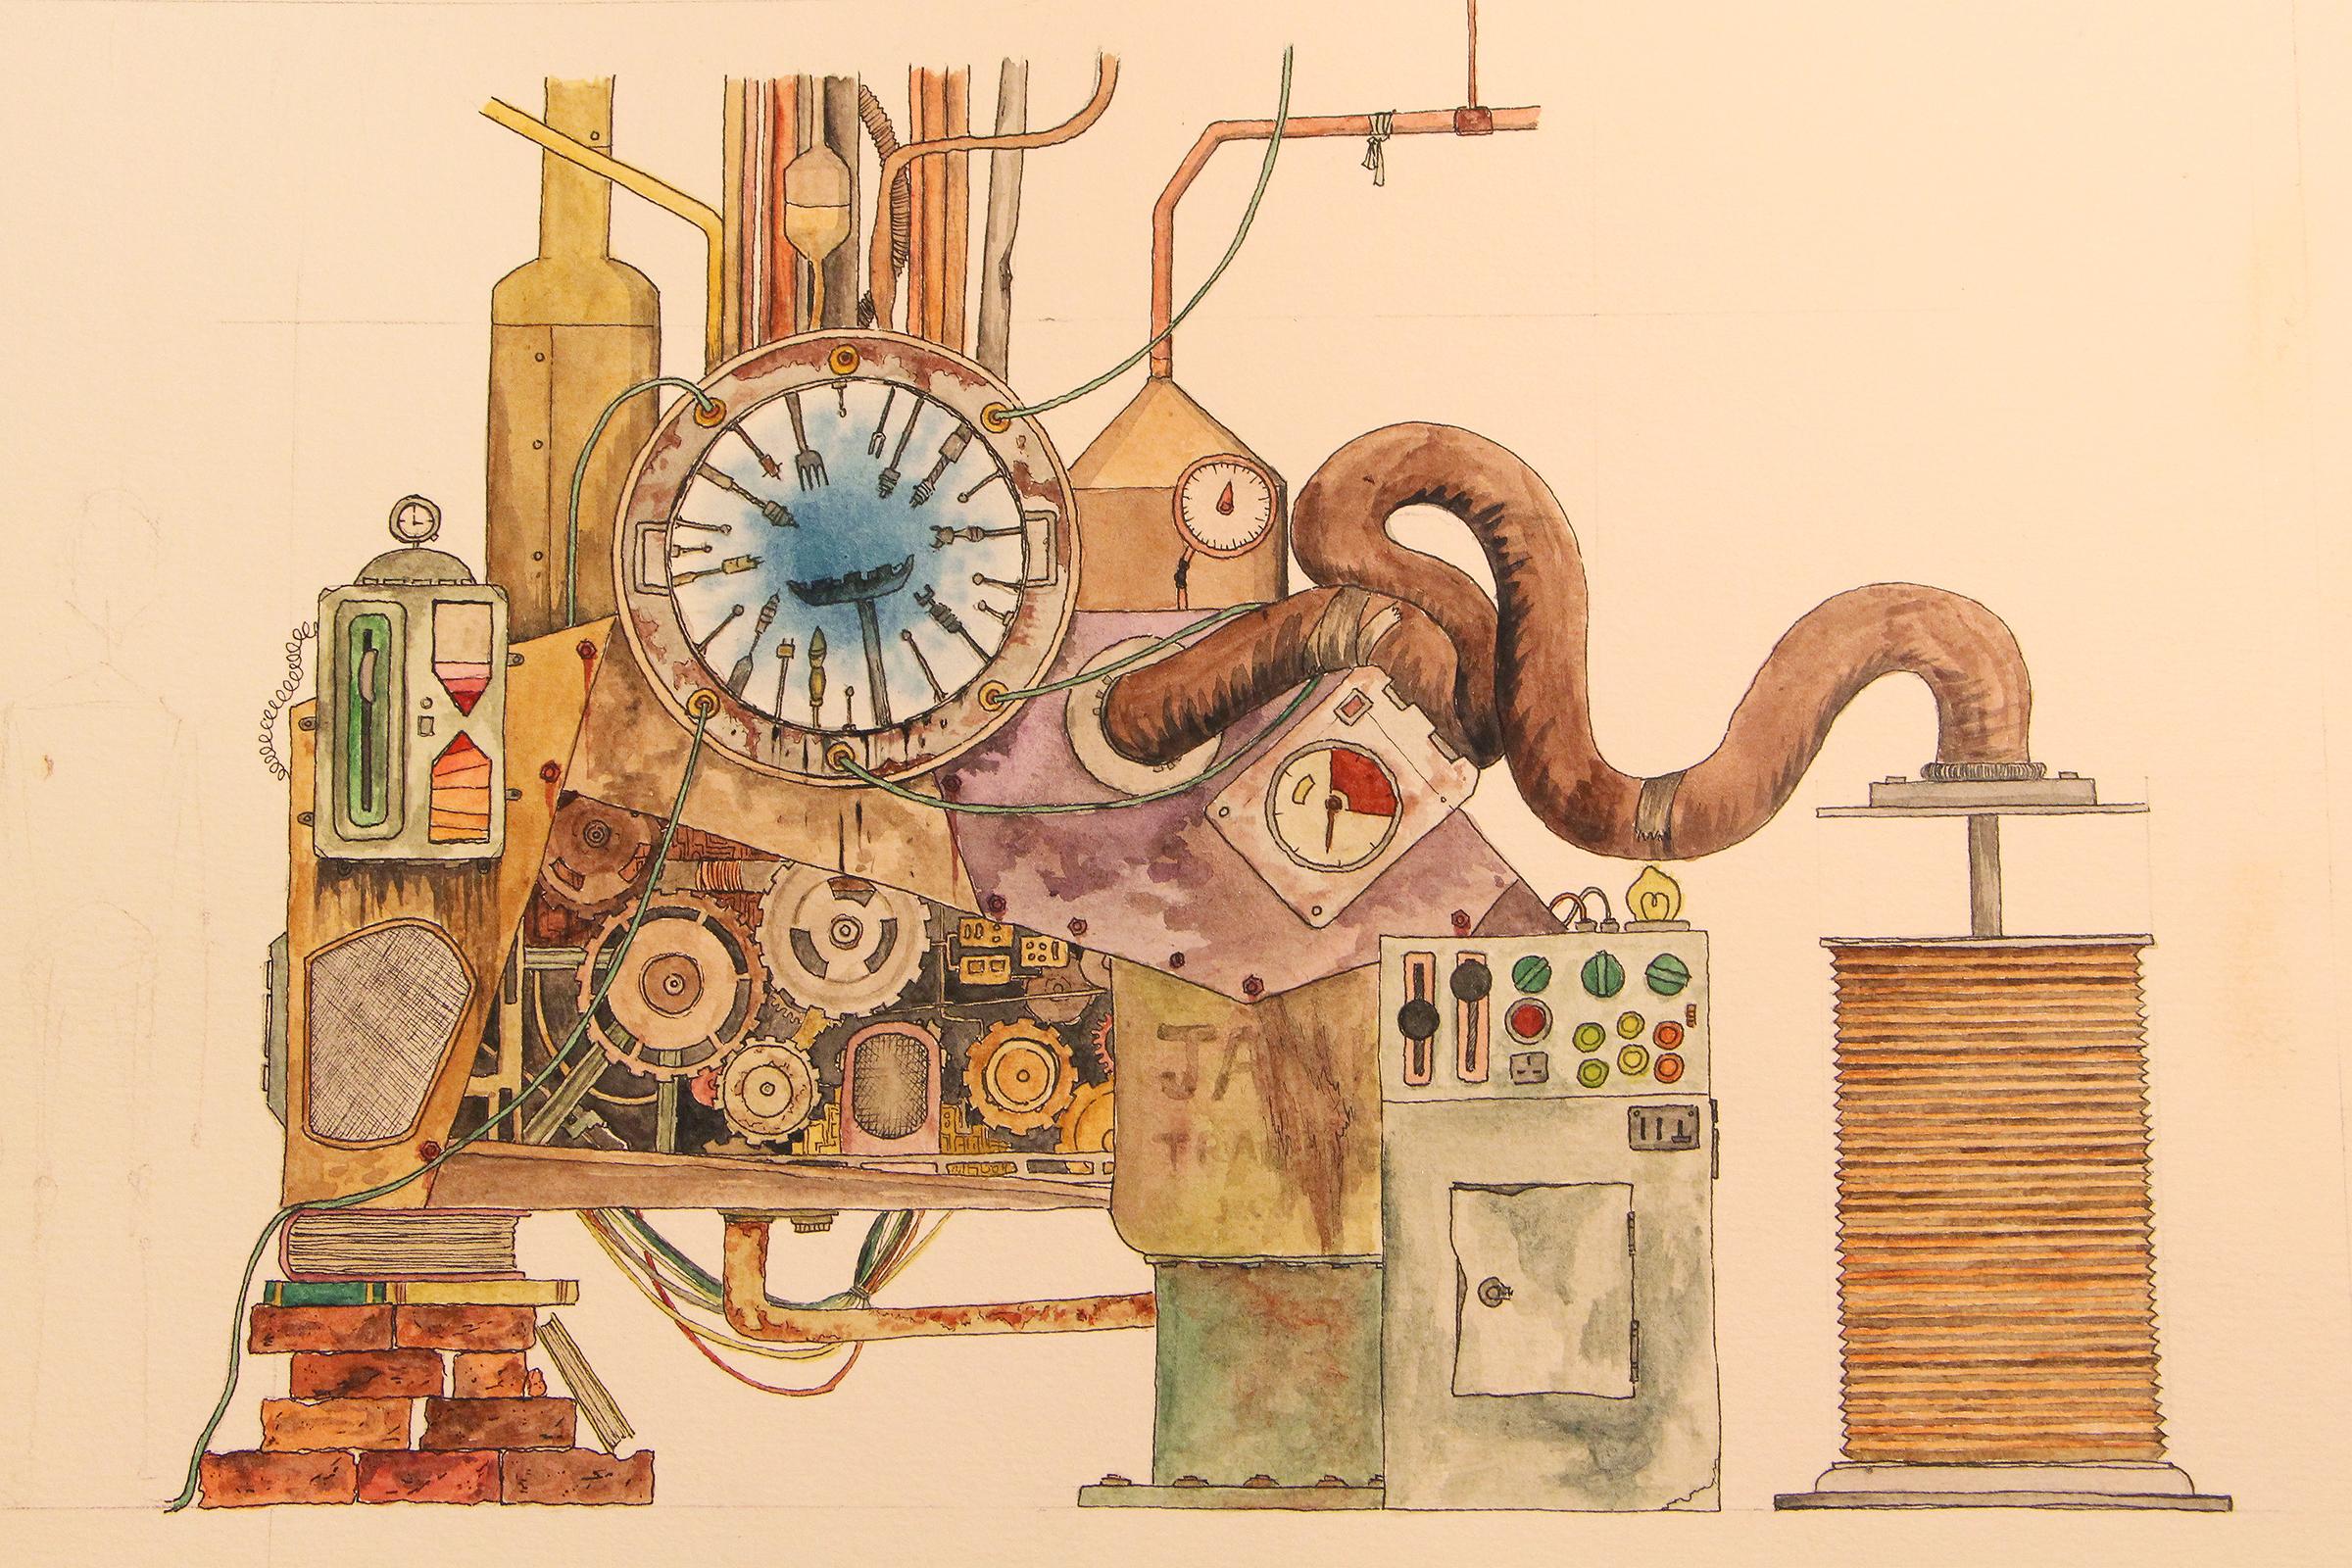 Machine Final Design Sketch